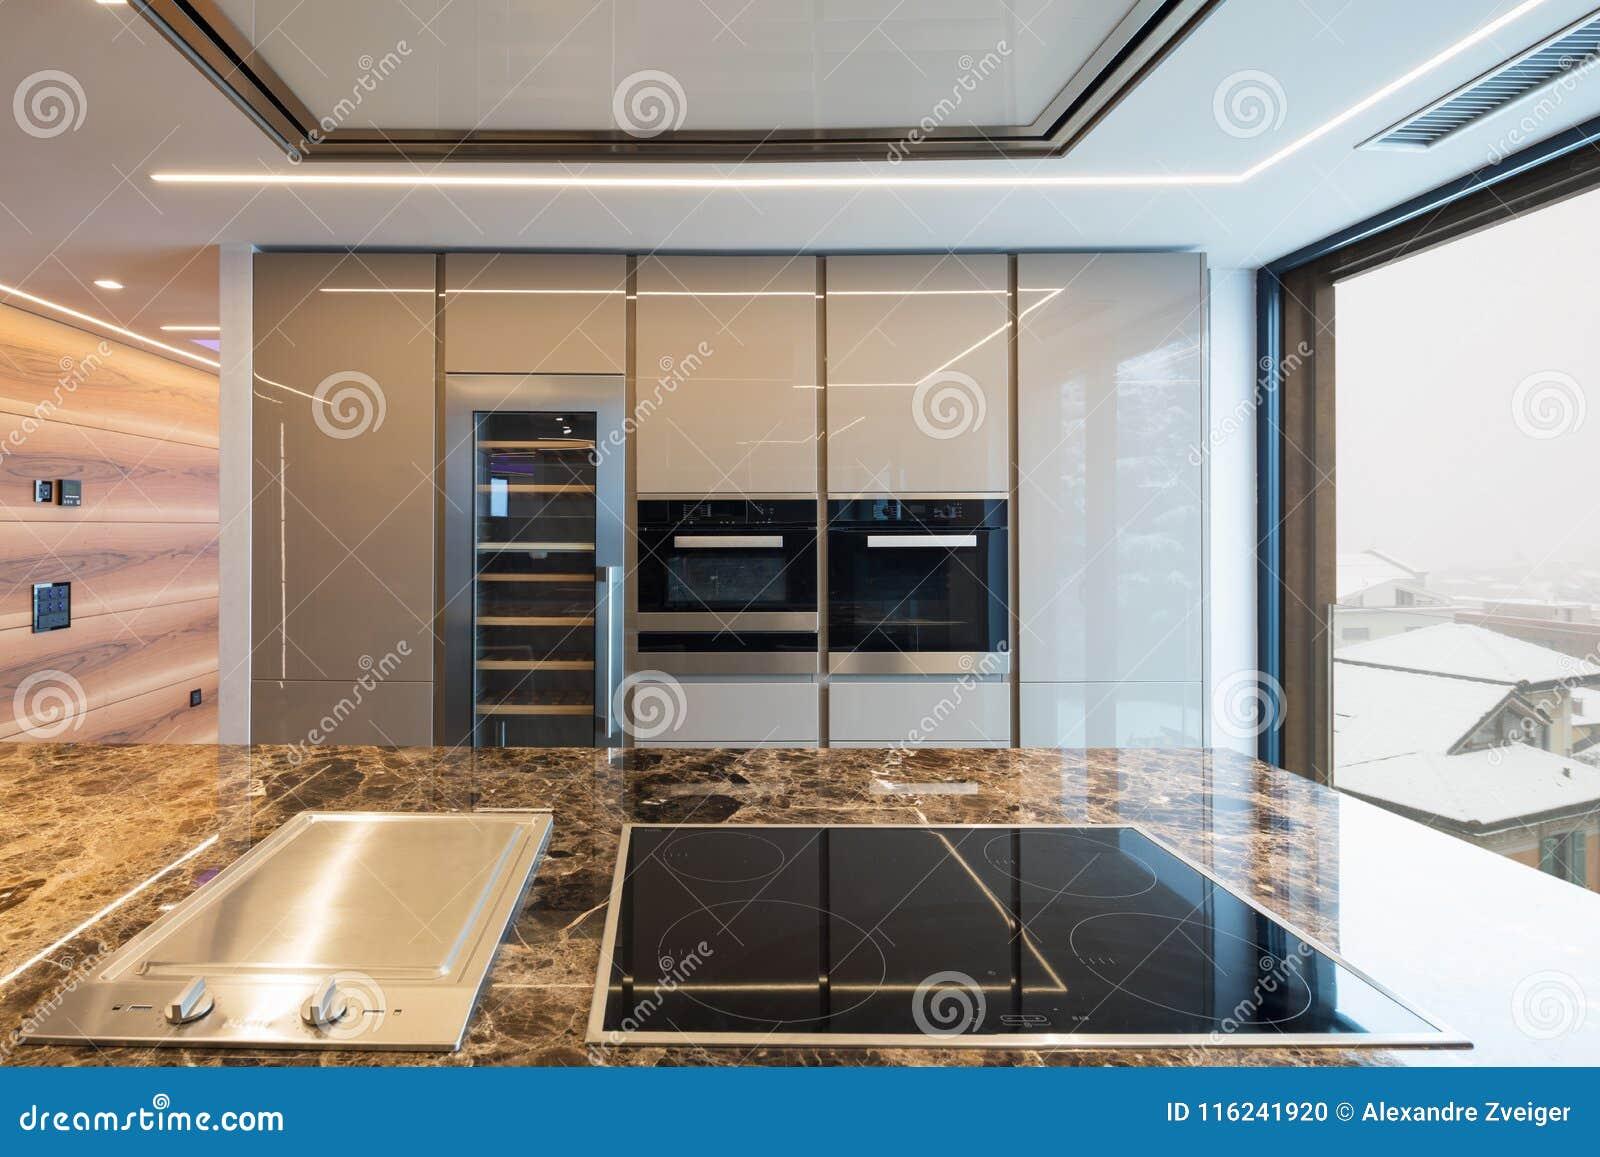 Plan De Cuisine En Marbre cuisine de marbre moderne avec l'île photo stock - image du